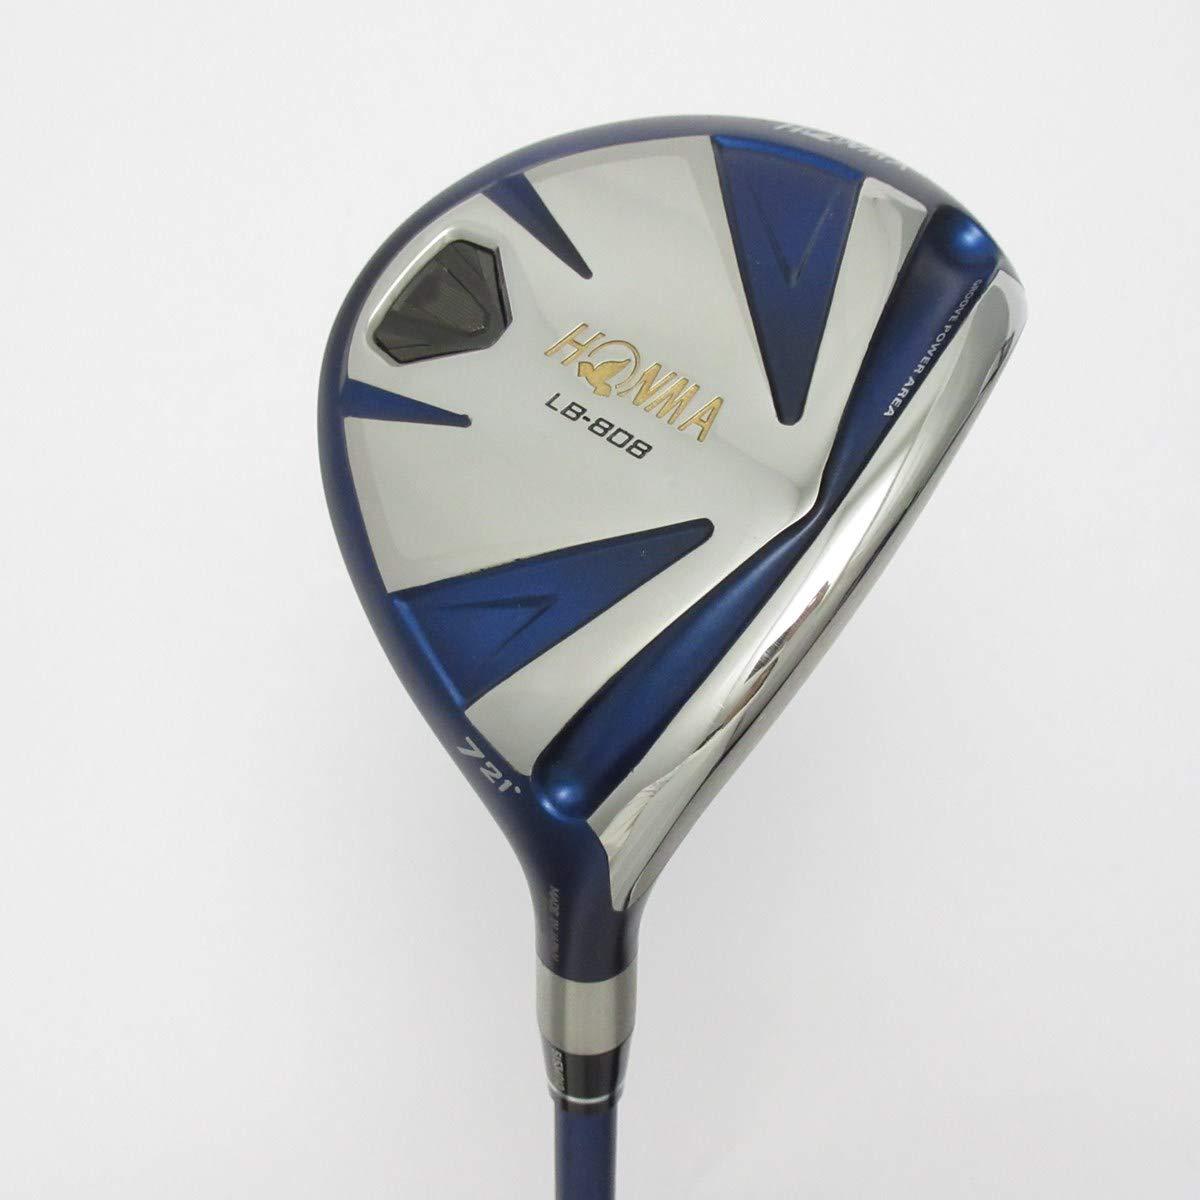 【中古】本間ゴルフ HONMA LB-808 フェアウェイウッド LB-2000 【7W】 B07T5X6VTJ  R